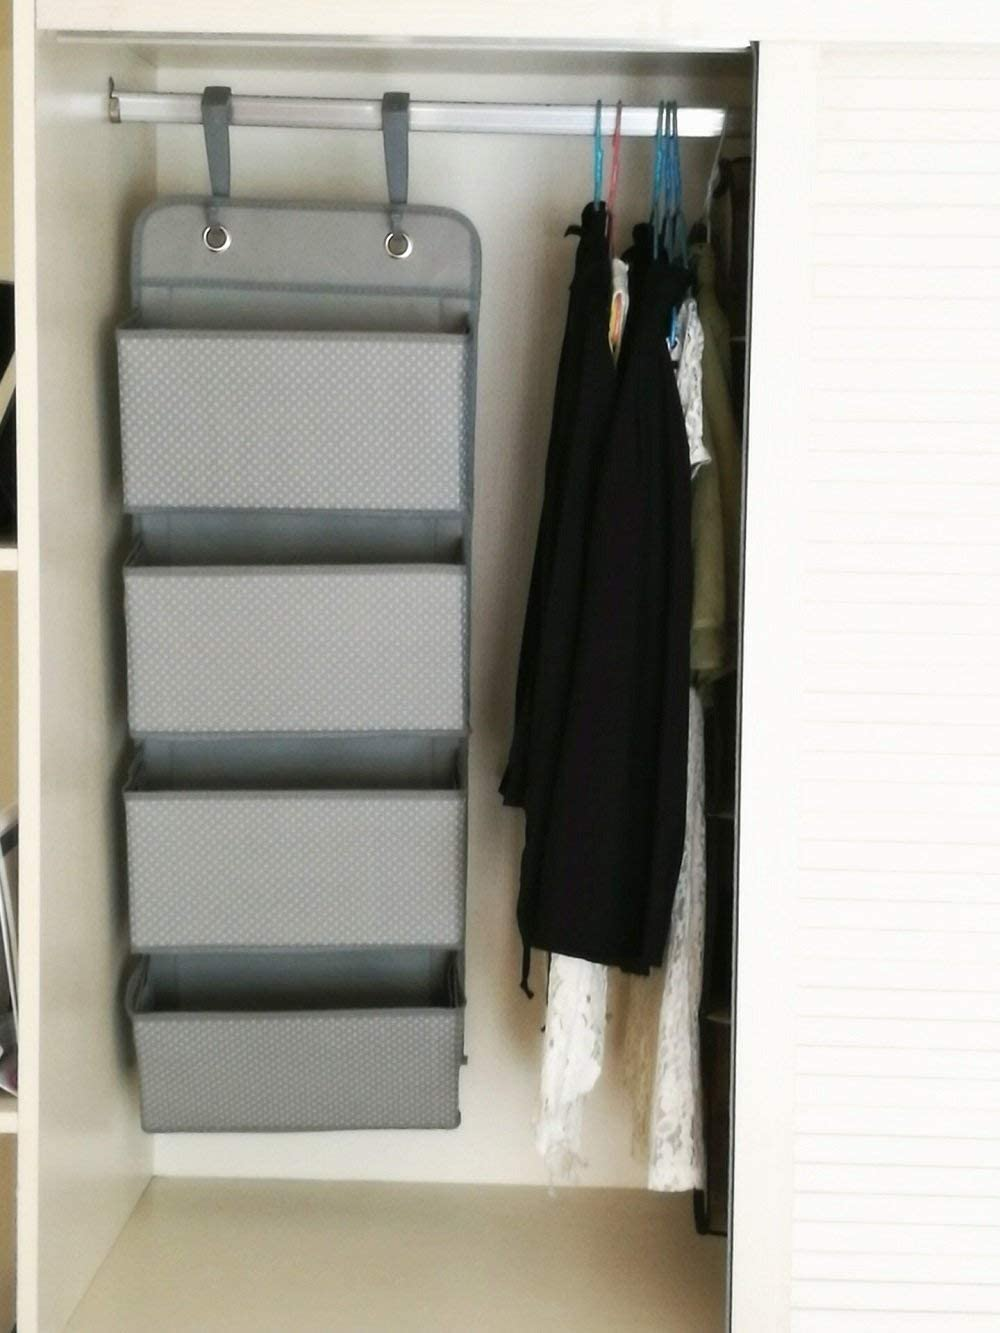 Darkblue Bluedream Hanging Storage Organizer Wall Mount Over Door 4 Pocket Organizer for Child//Kids Room or Nursery